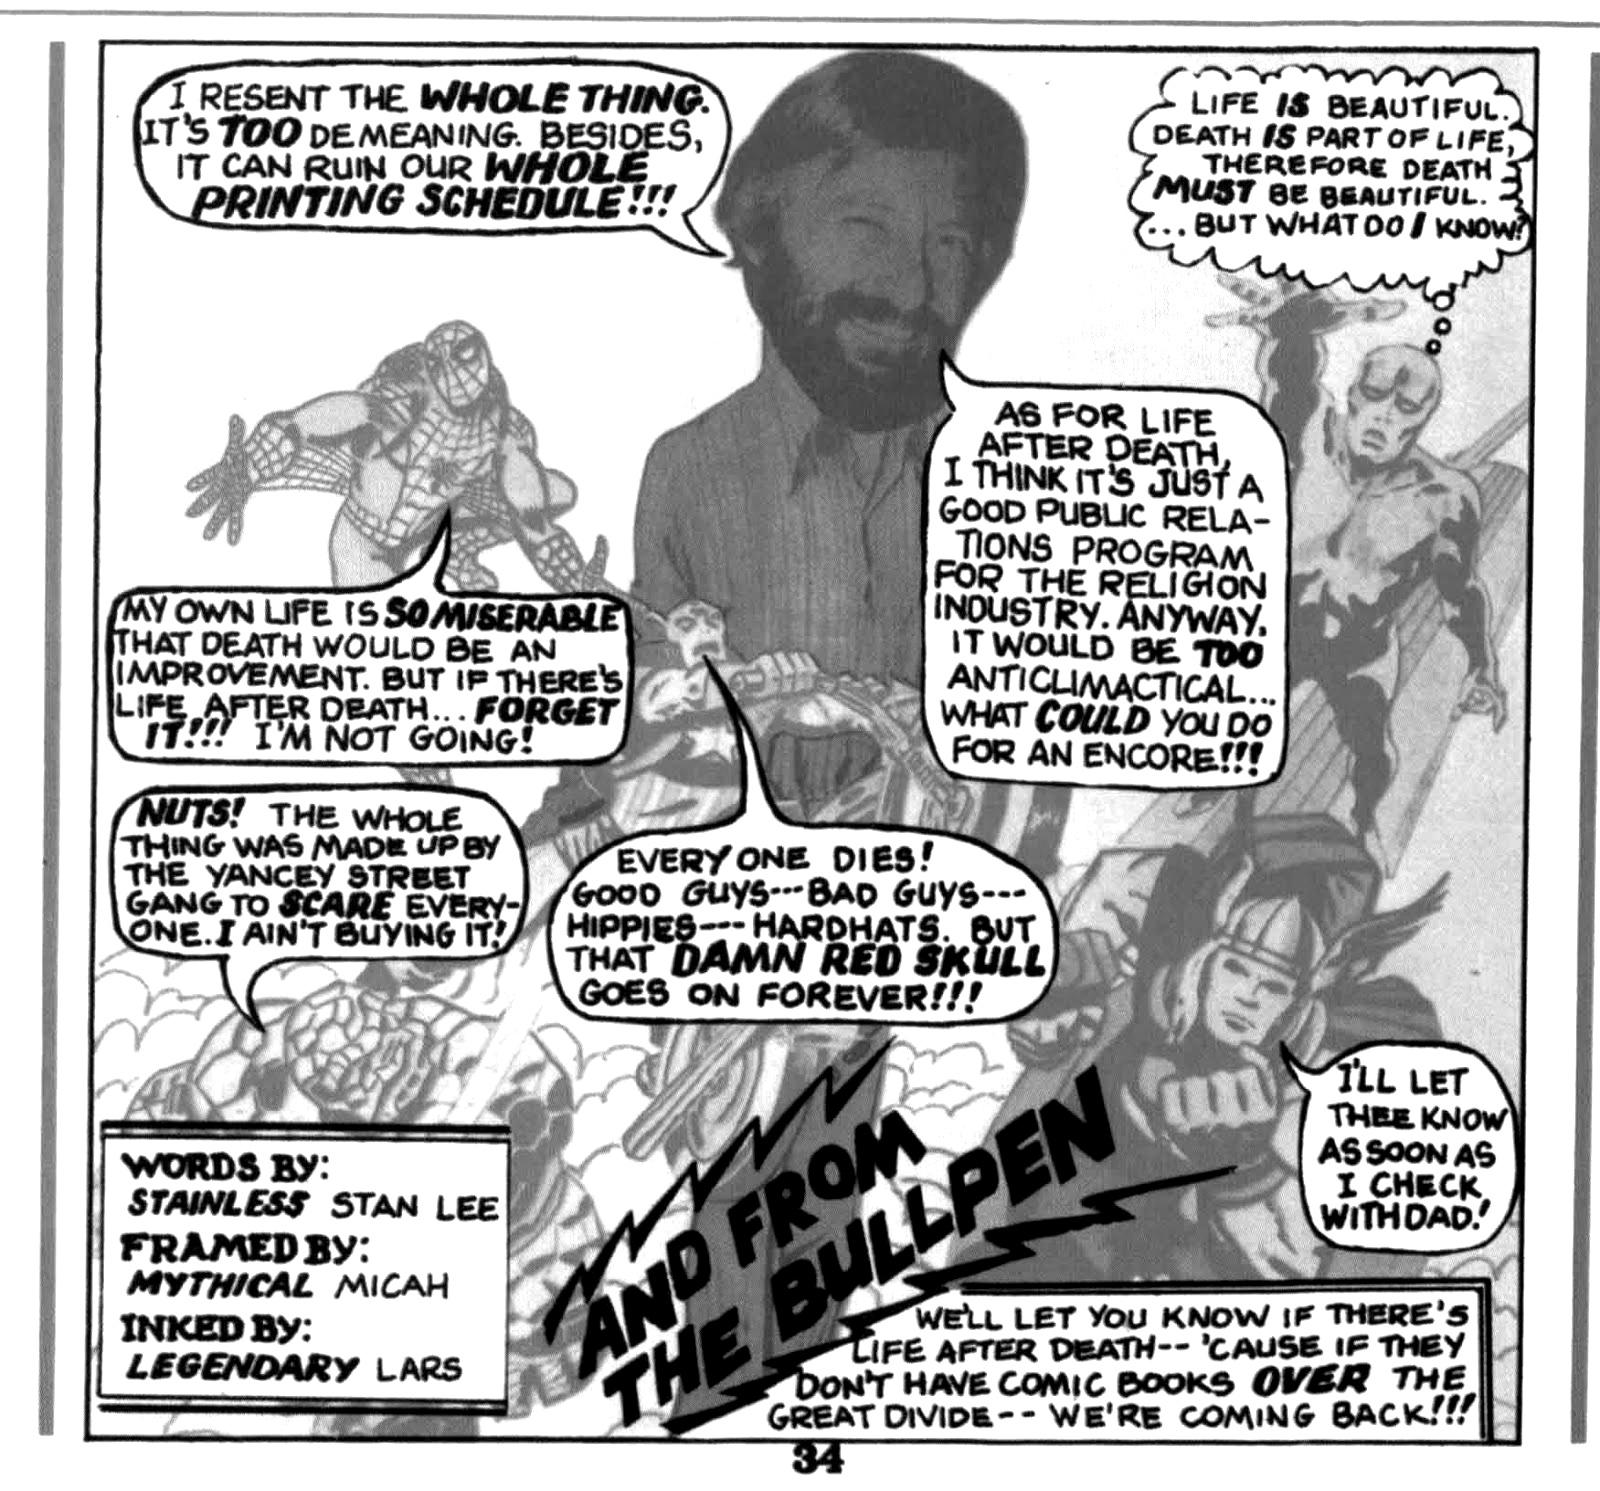 Respuesta de Stan Lee publicada en  What Is The Process?